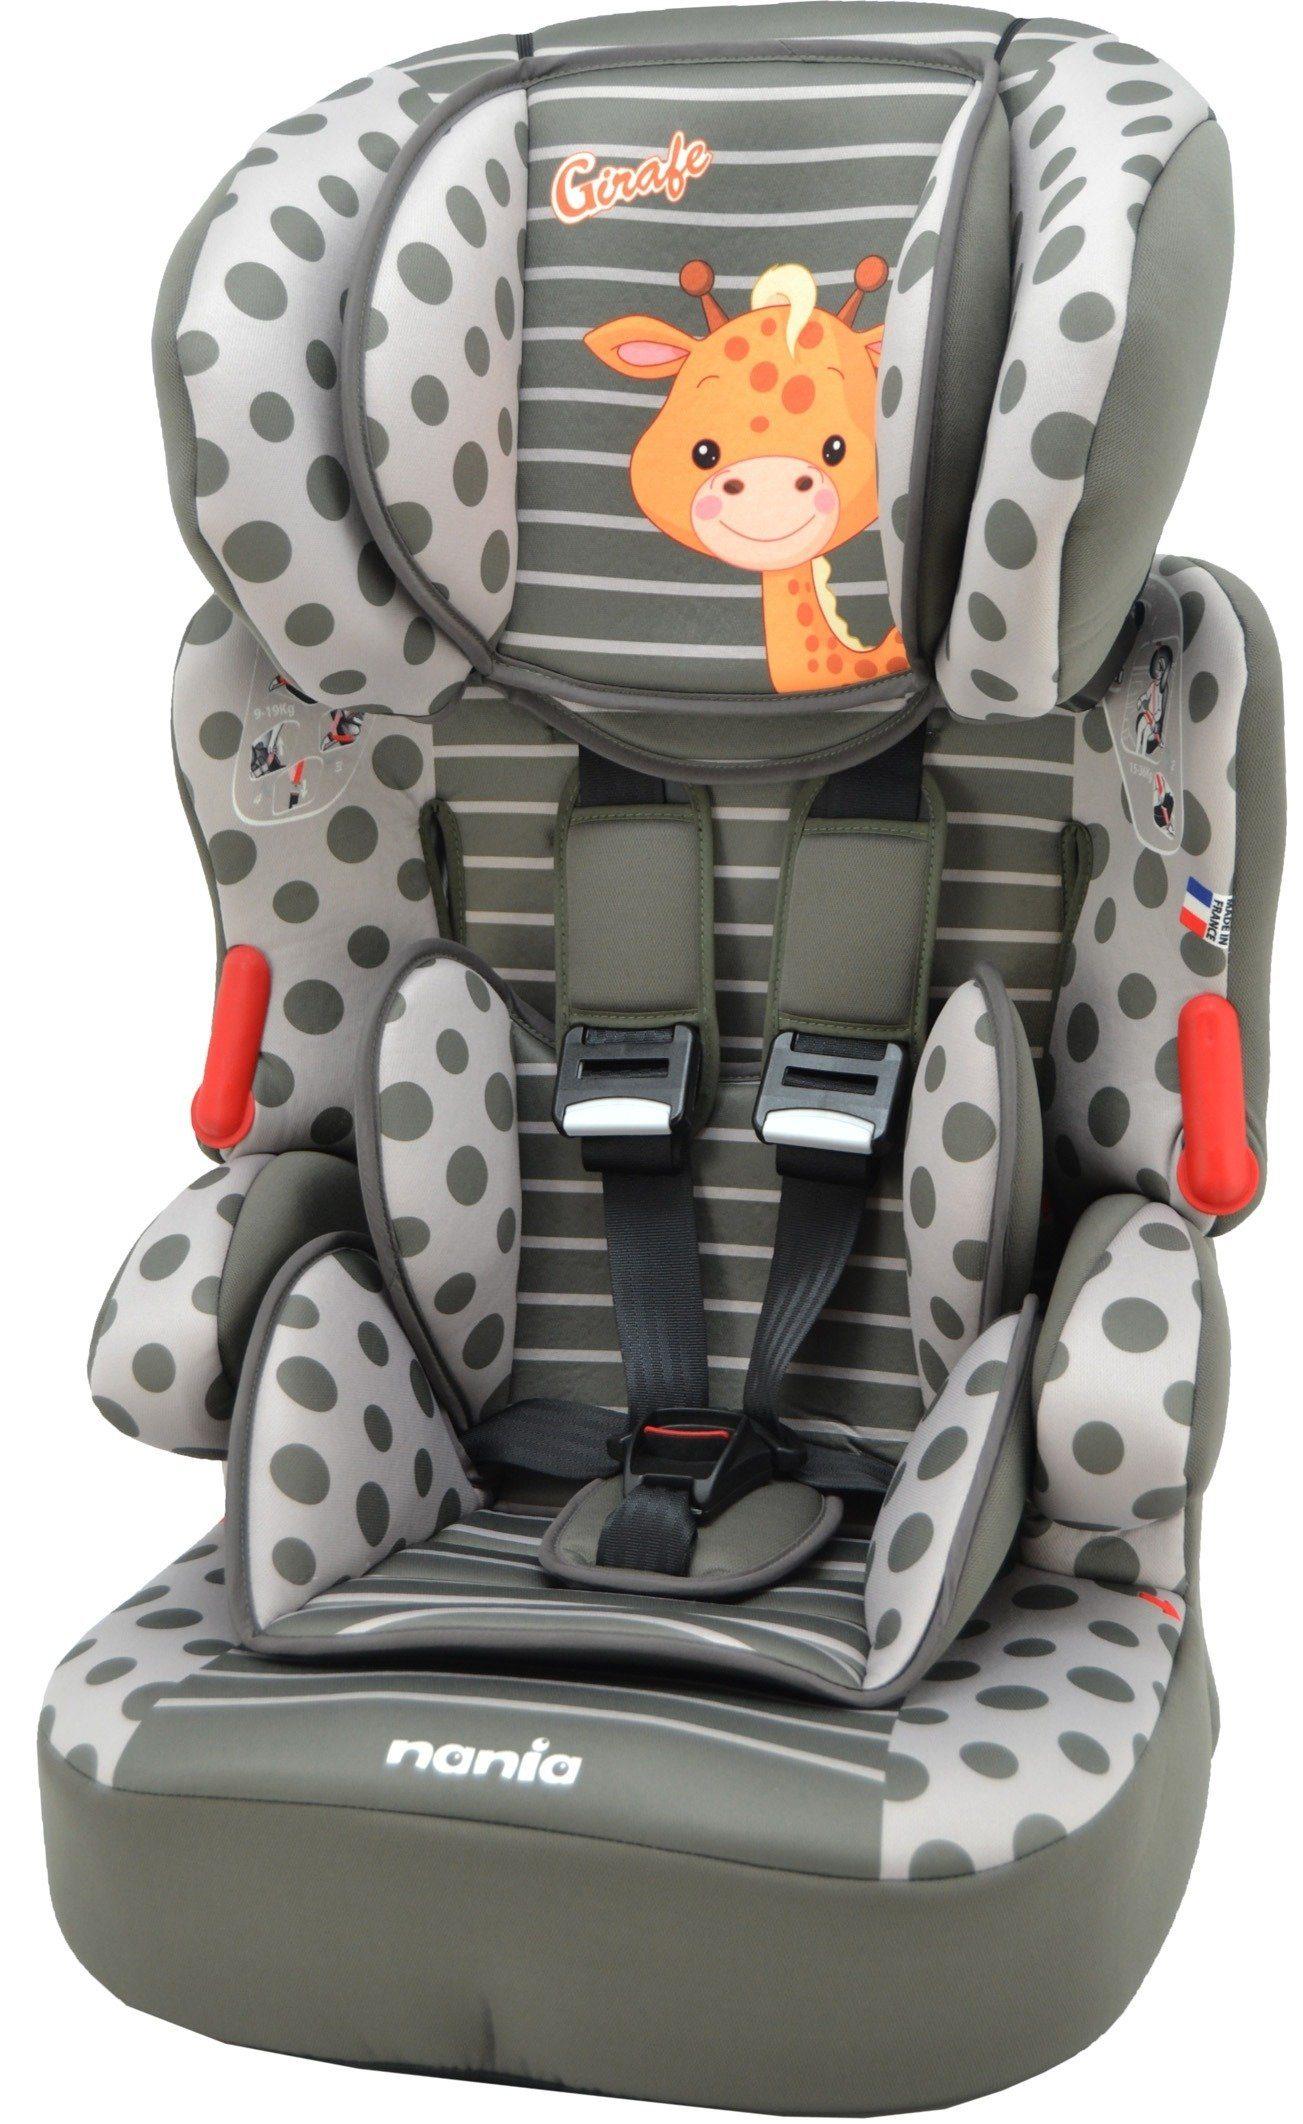 OSANN Kindersitz »Beline SP Luxe Giraffe«, 9 - 36 kg